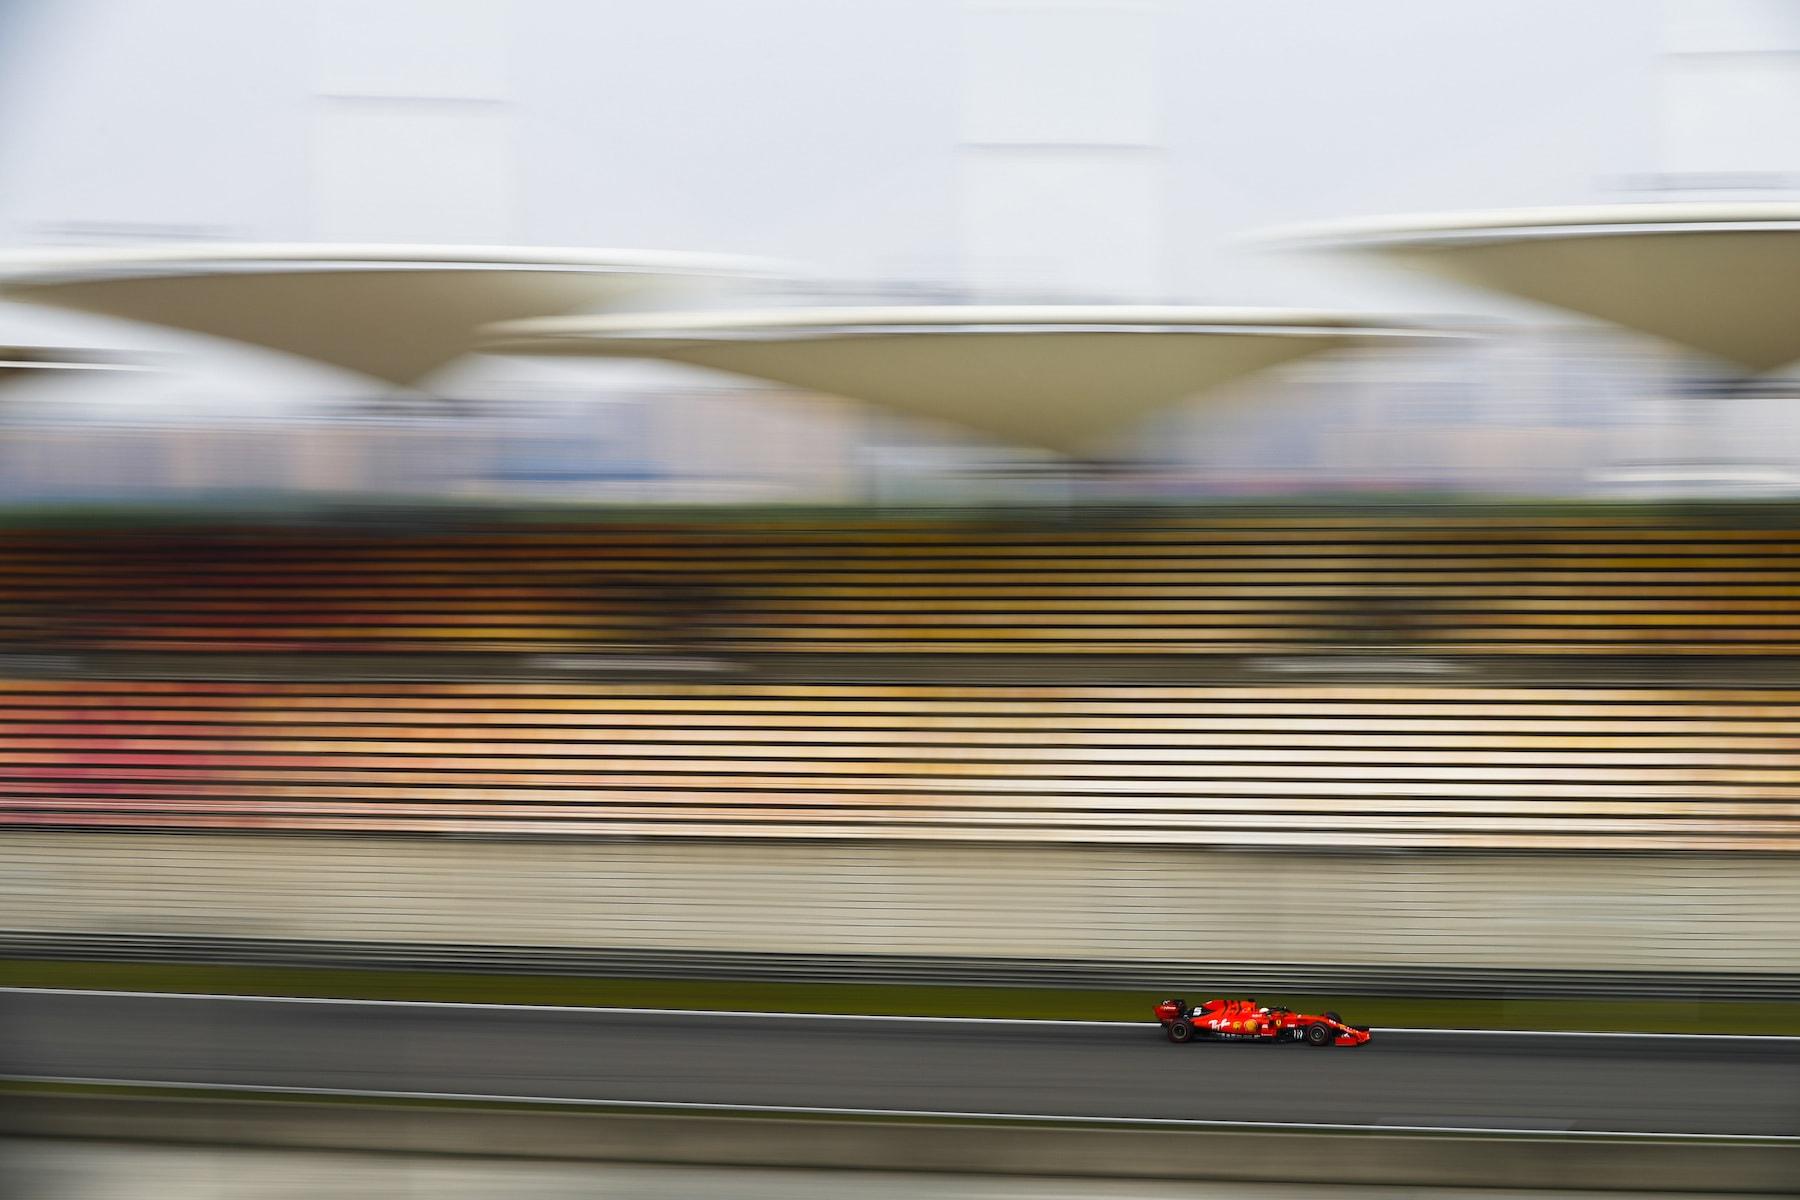 1 2019 Sebastian Vettel | Ferrari SF90 | 2019 Chinese GP FP1 7 copy.jpg